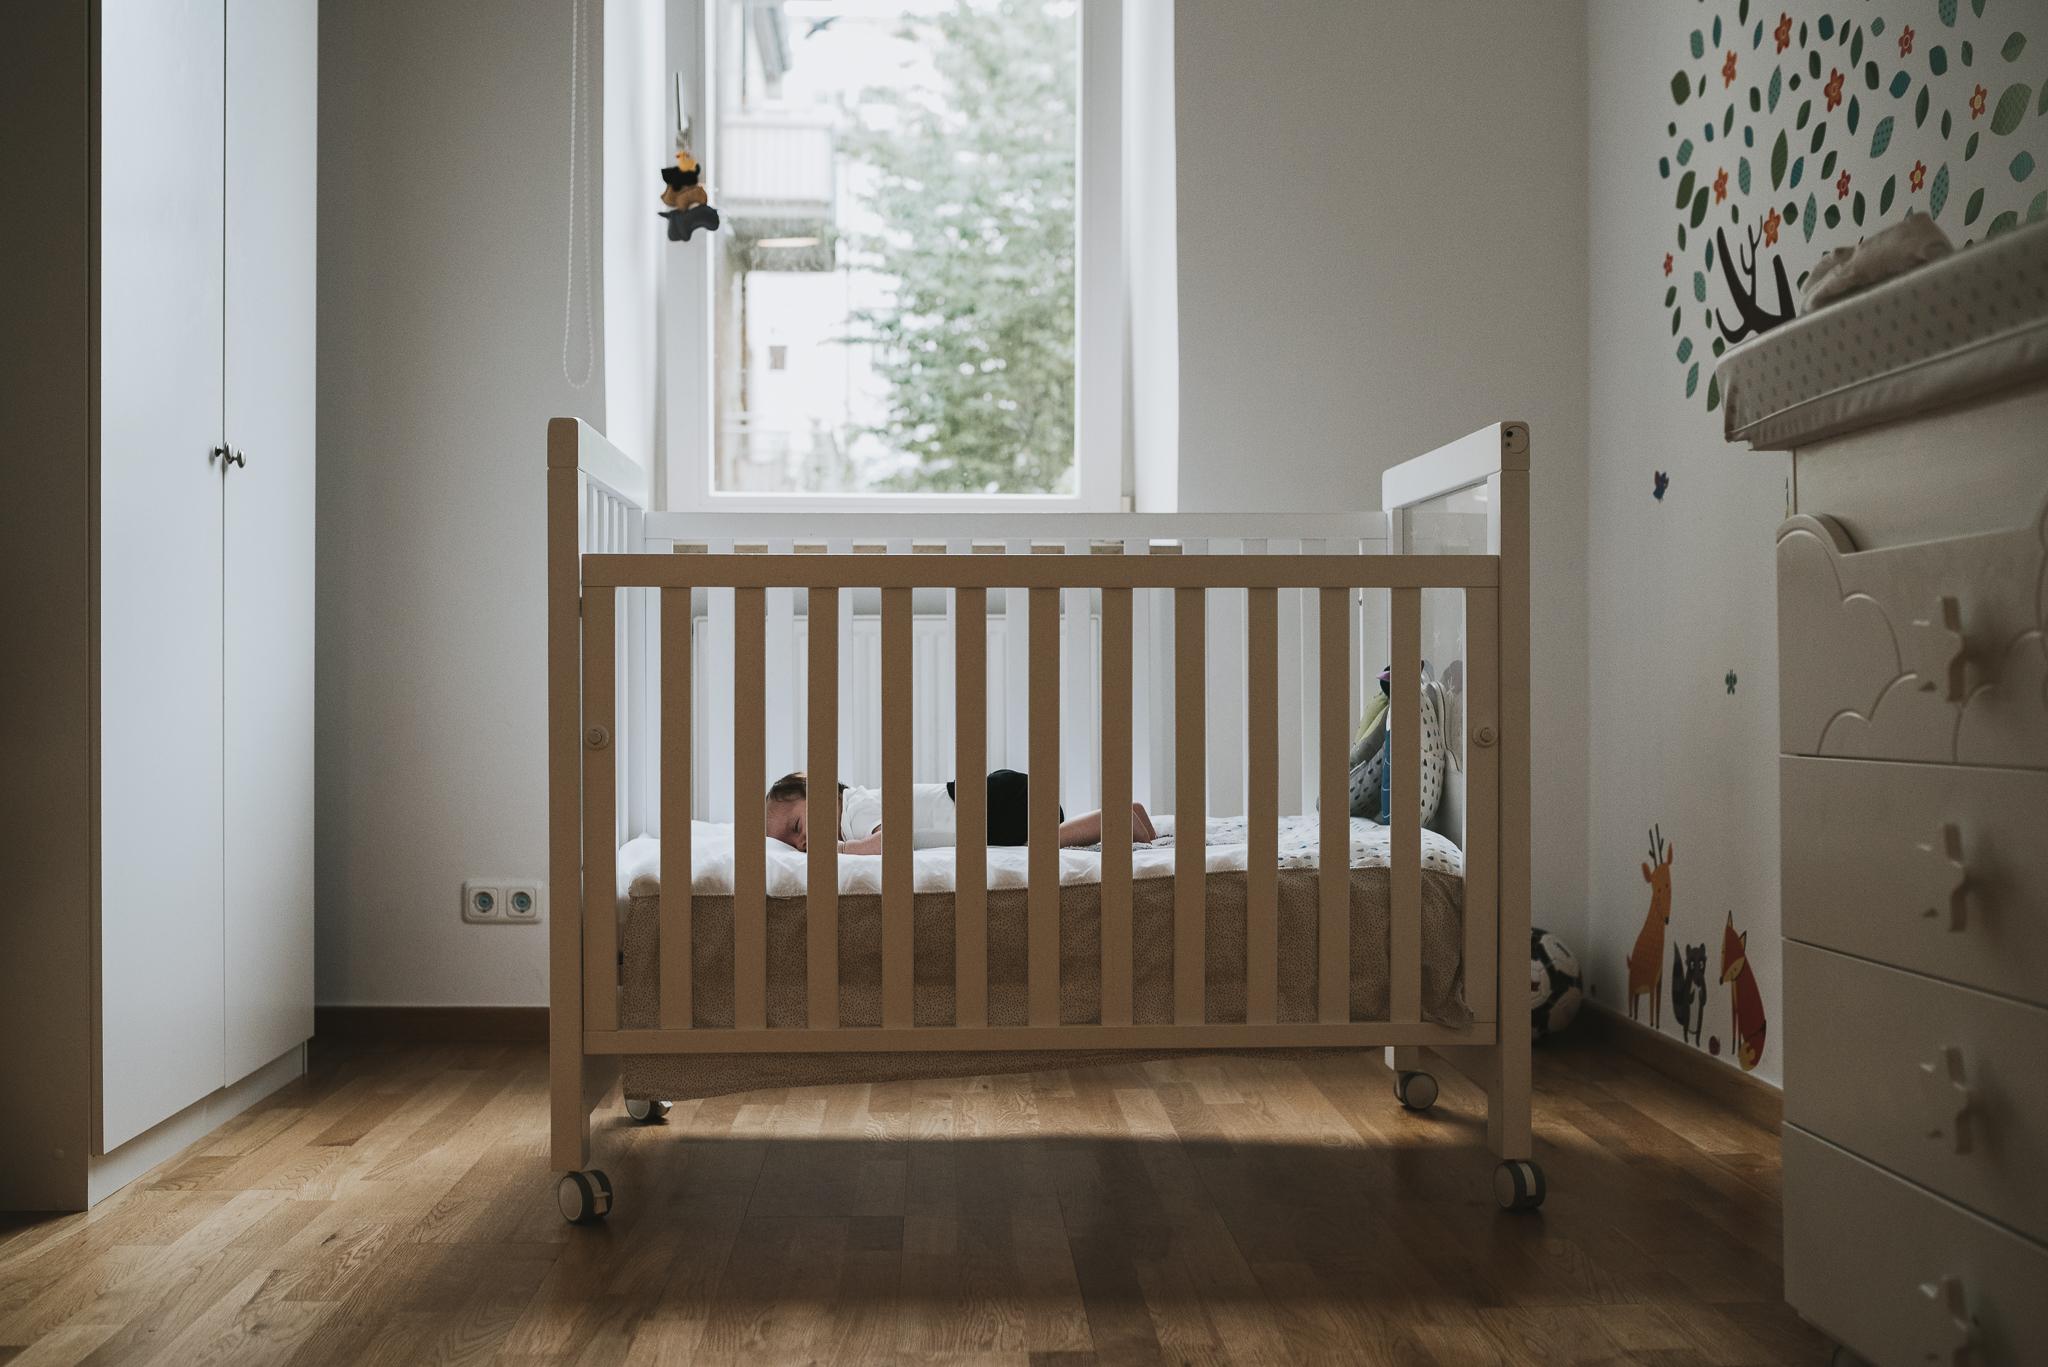 Newborn baby in crib in bedroom.jpg